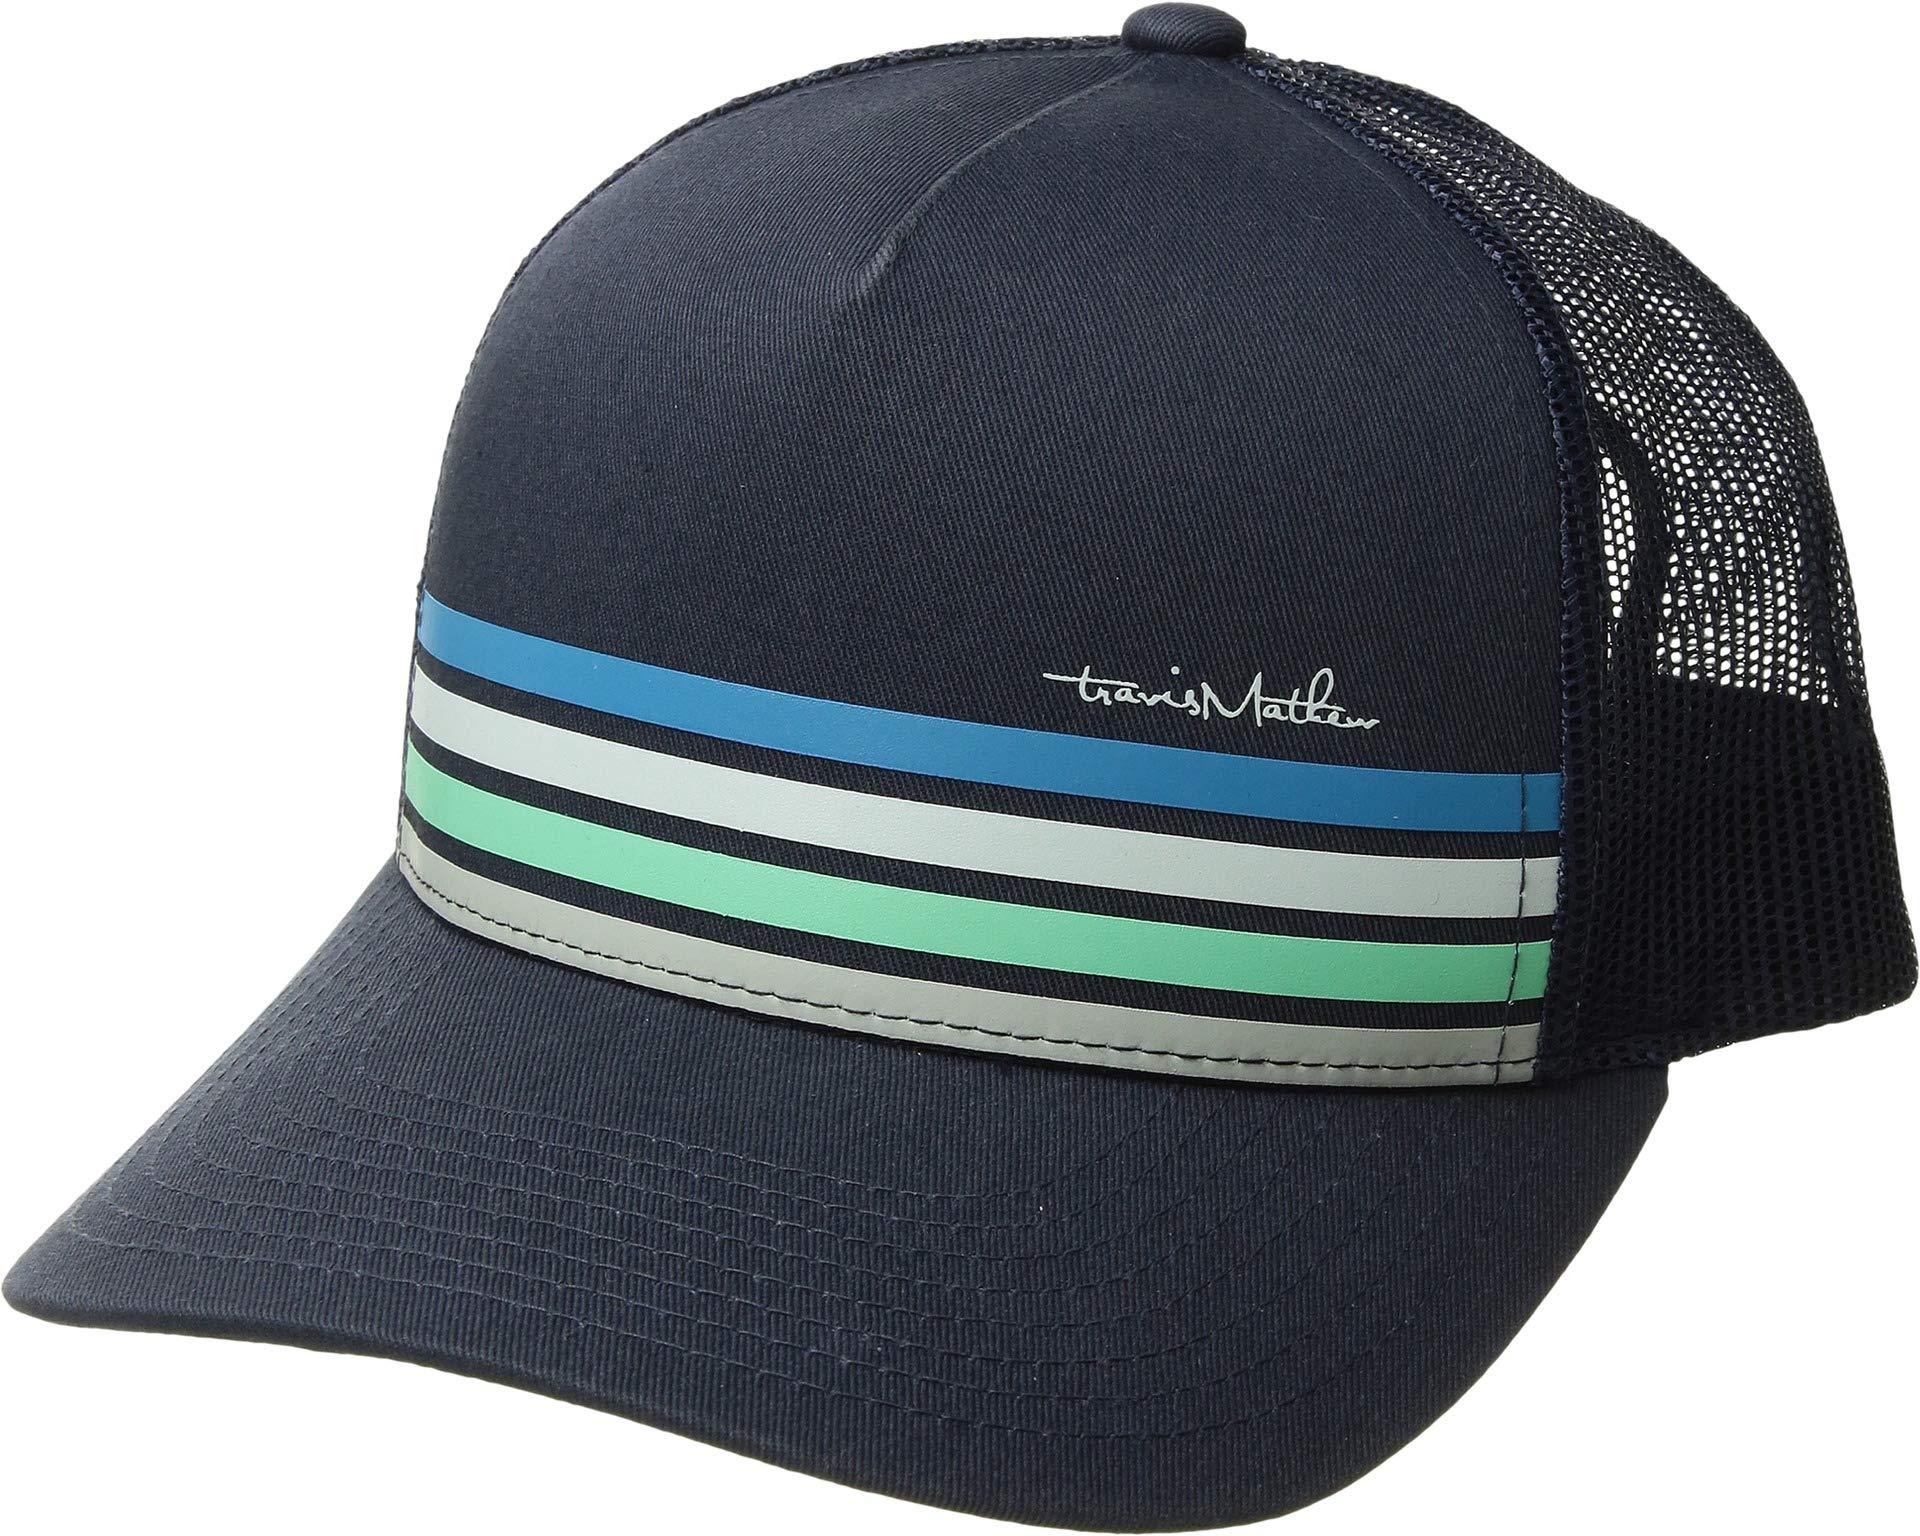 TravisMathew Boys J-Hoover Golf Cap, Navy, One Size by TravisMathew